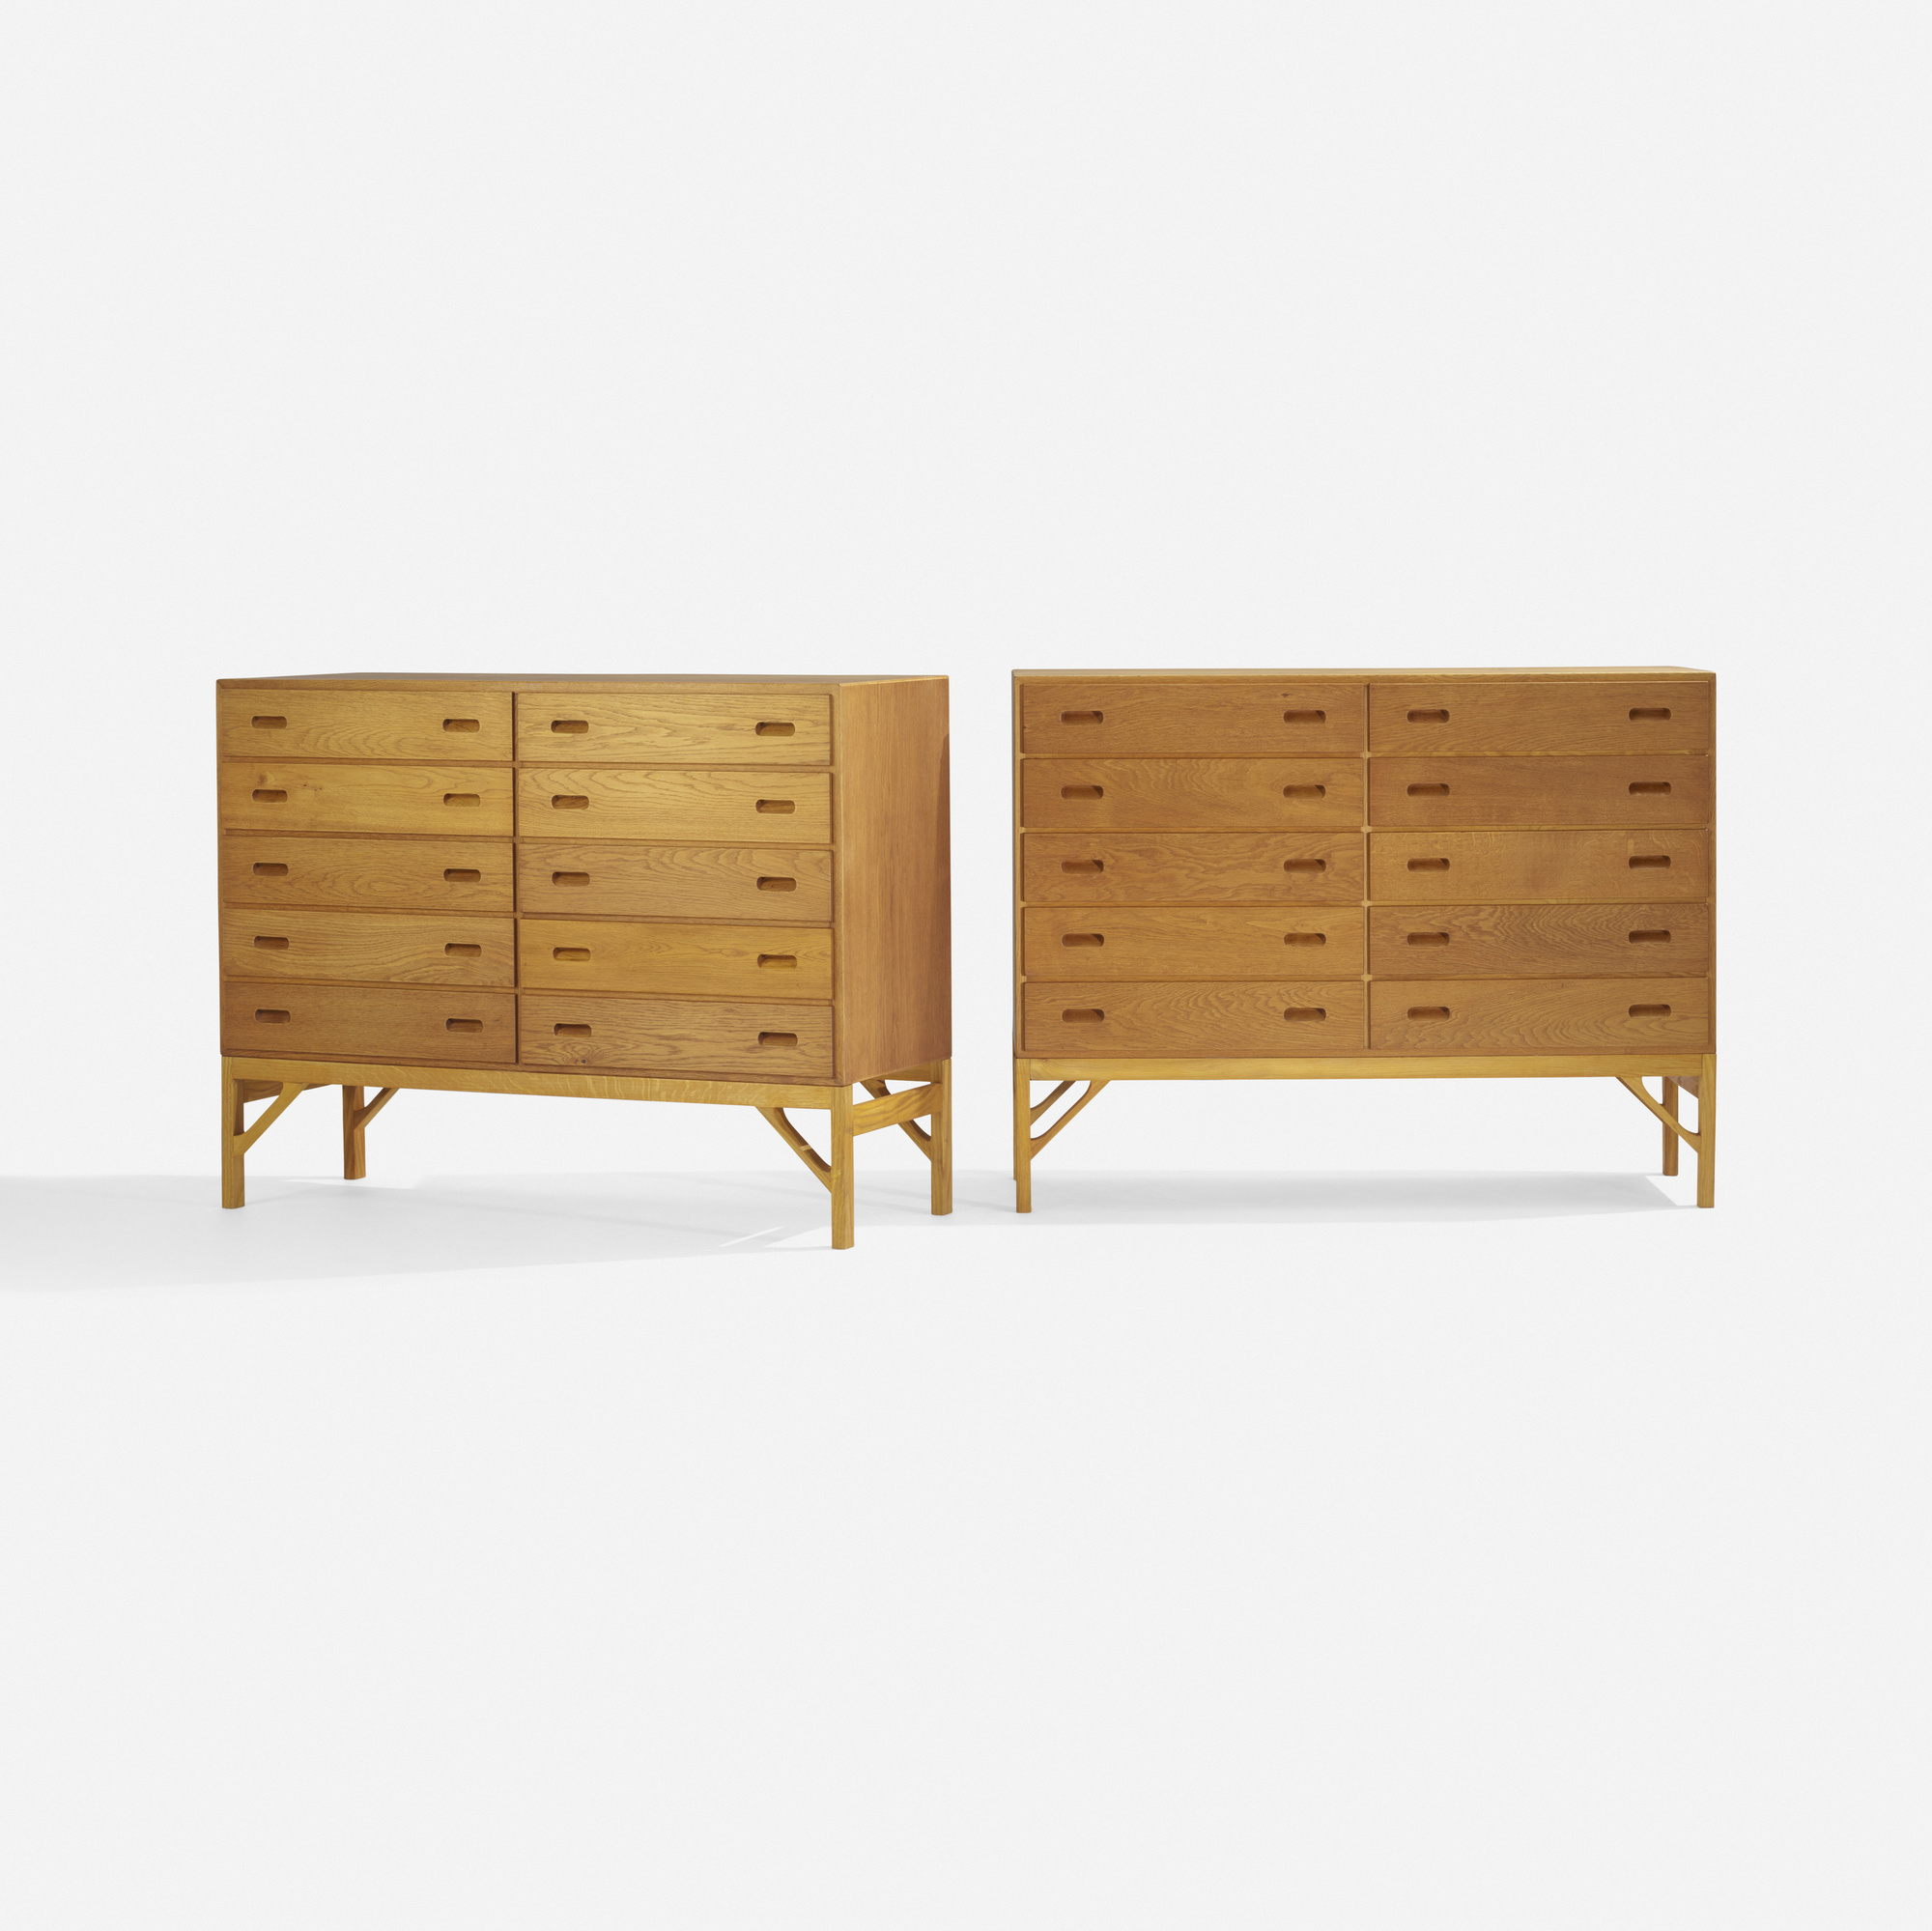 265: Børge Mogensen / cabinets, pair (1 of 3)